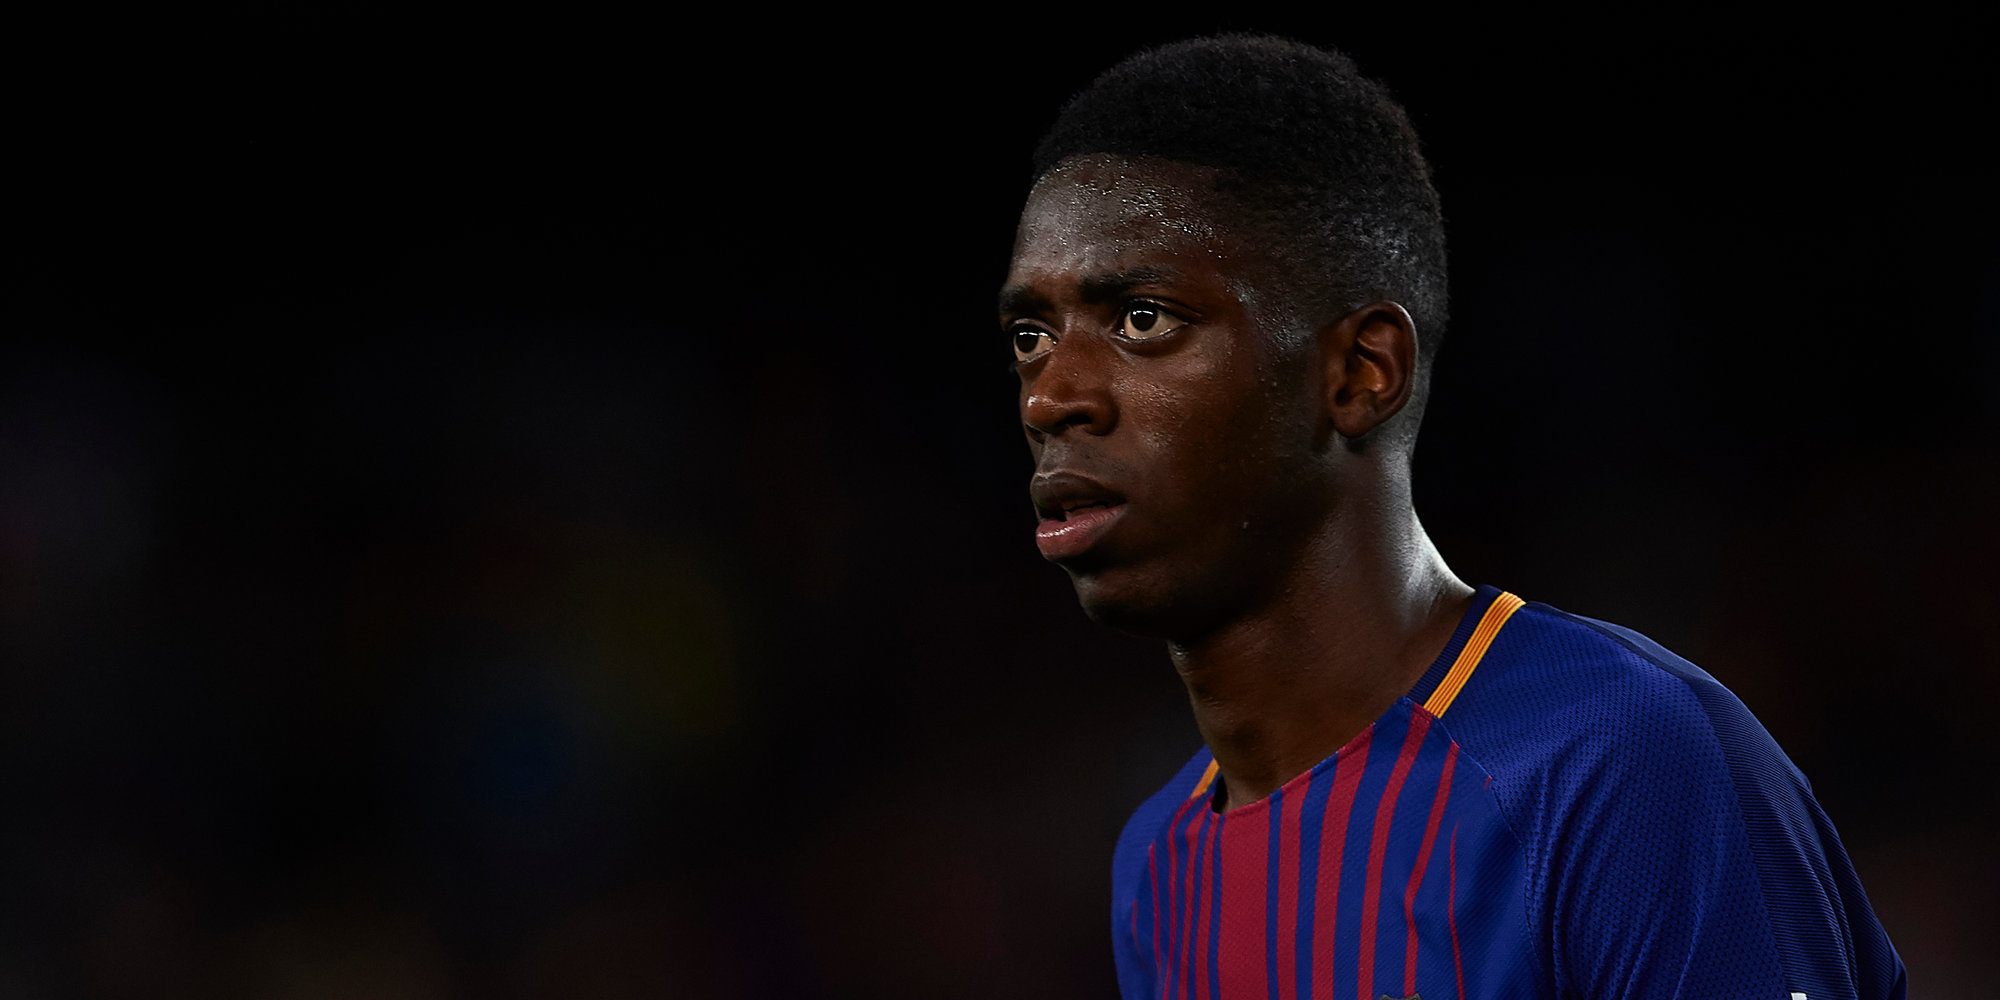 «Барселона» оценила Дембеле в 100 миллионов евро. «МЮ» хочет взять игрока в аренду